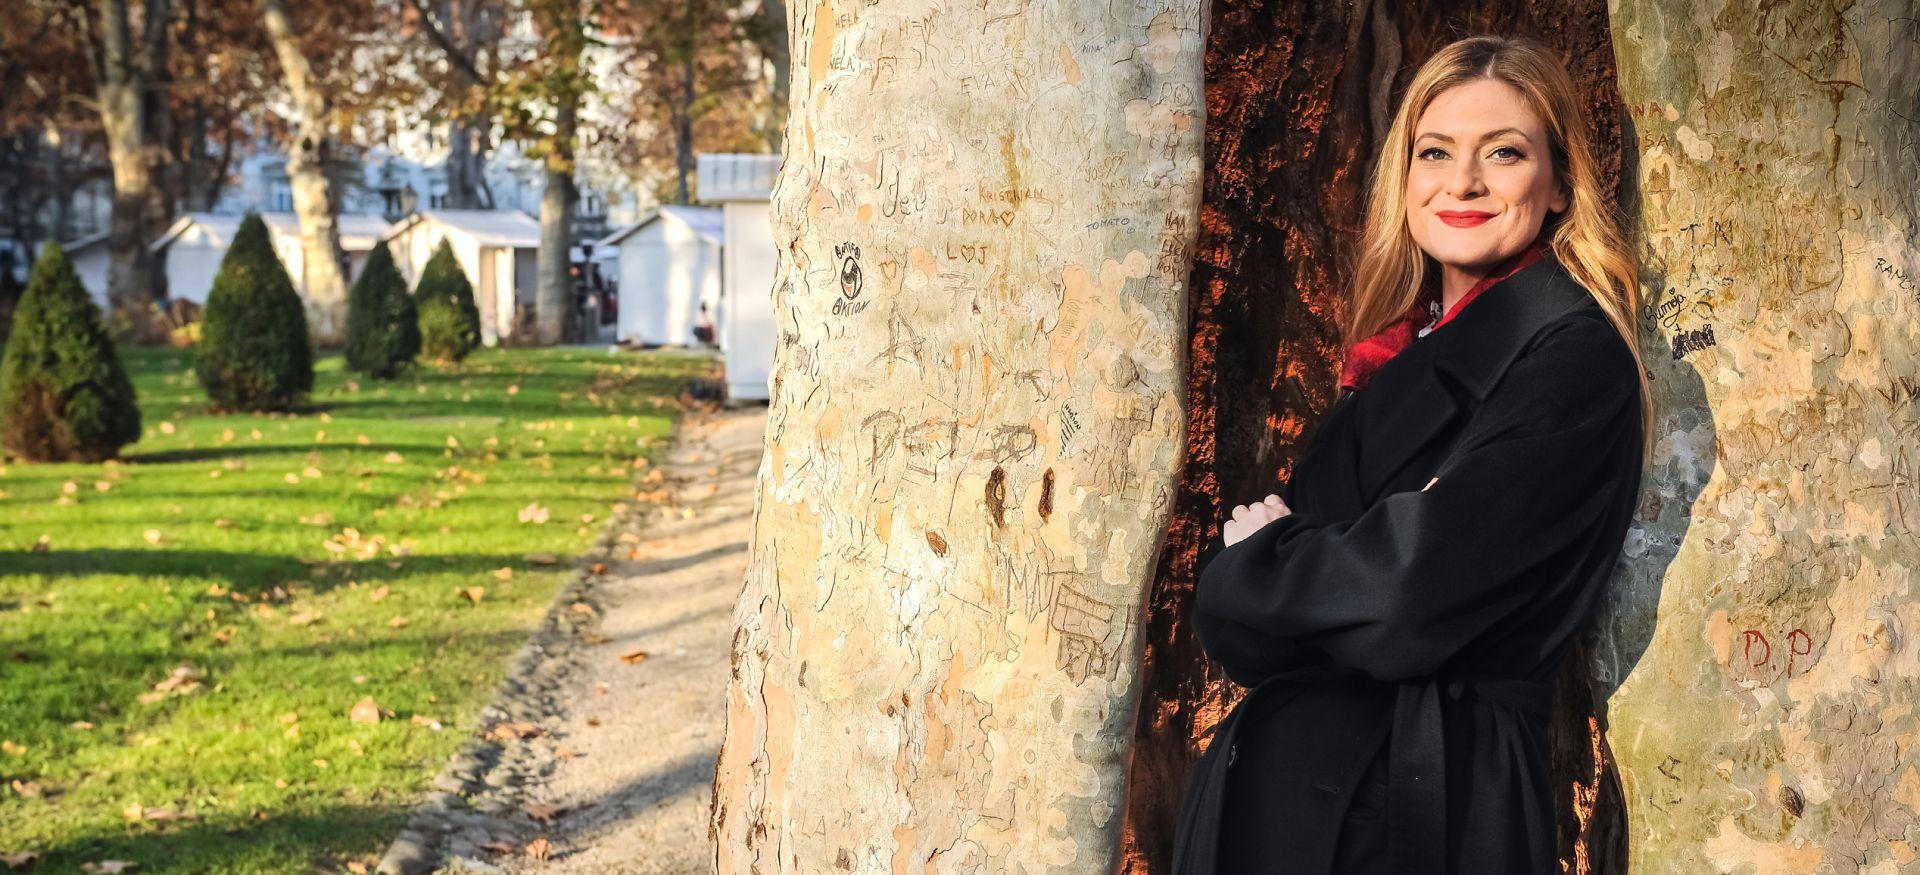 INTERVJU: LAMIJA ALEČKOVIĆ: 'Kritičari su napadali Dnevnik HRT-a, ali brojke su neumoljive – gledanost mu je porasla'